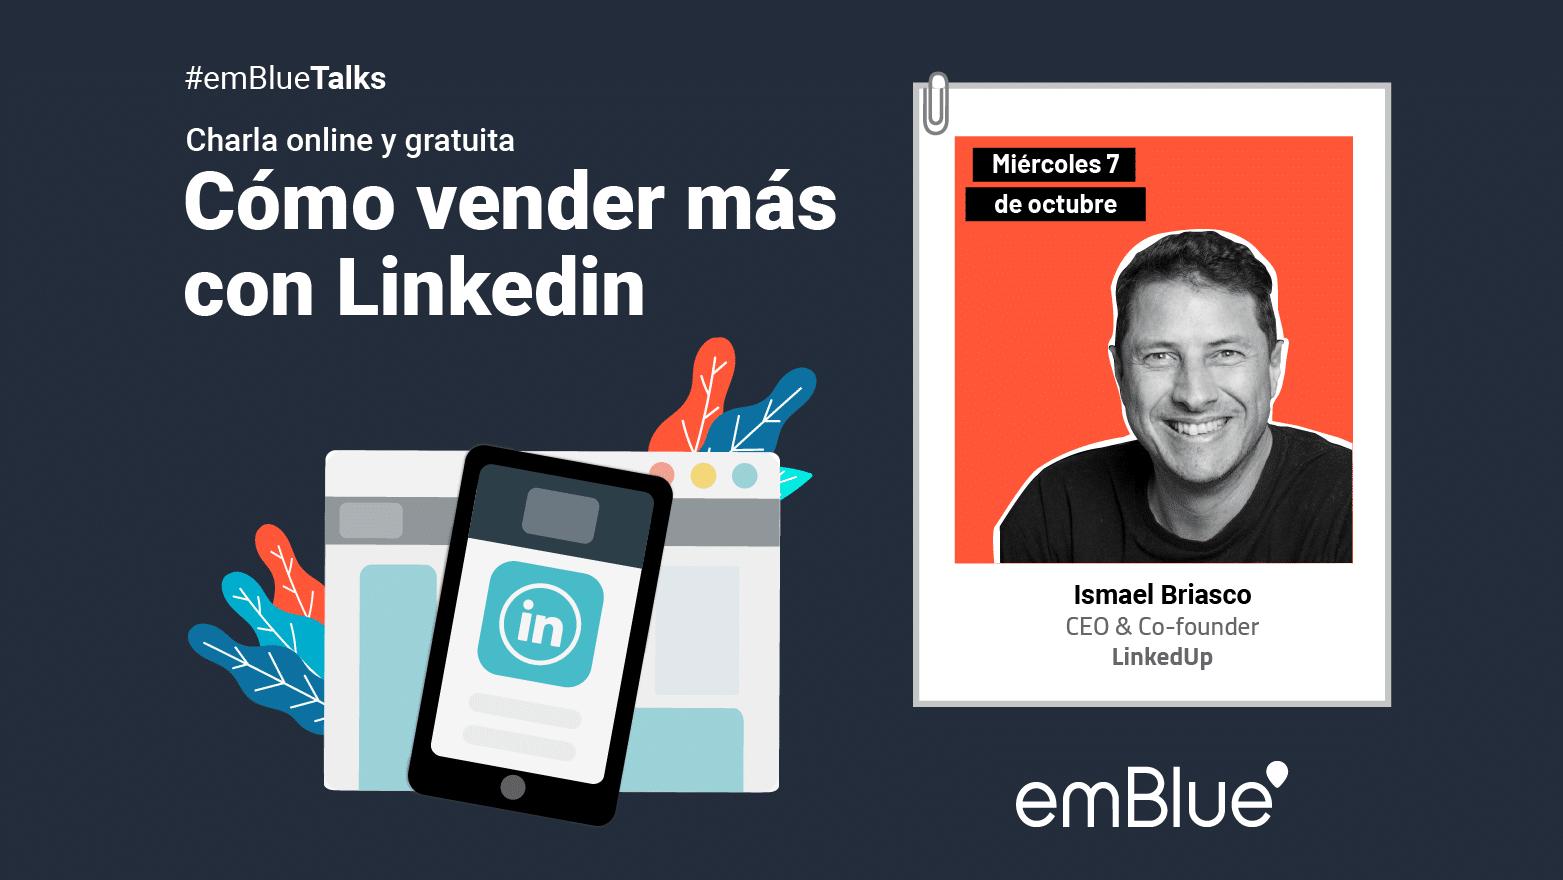 #emBlueTalks: Cómo vender más con Linkedin